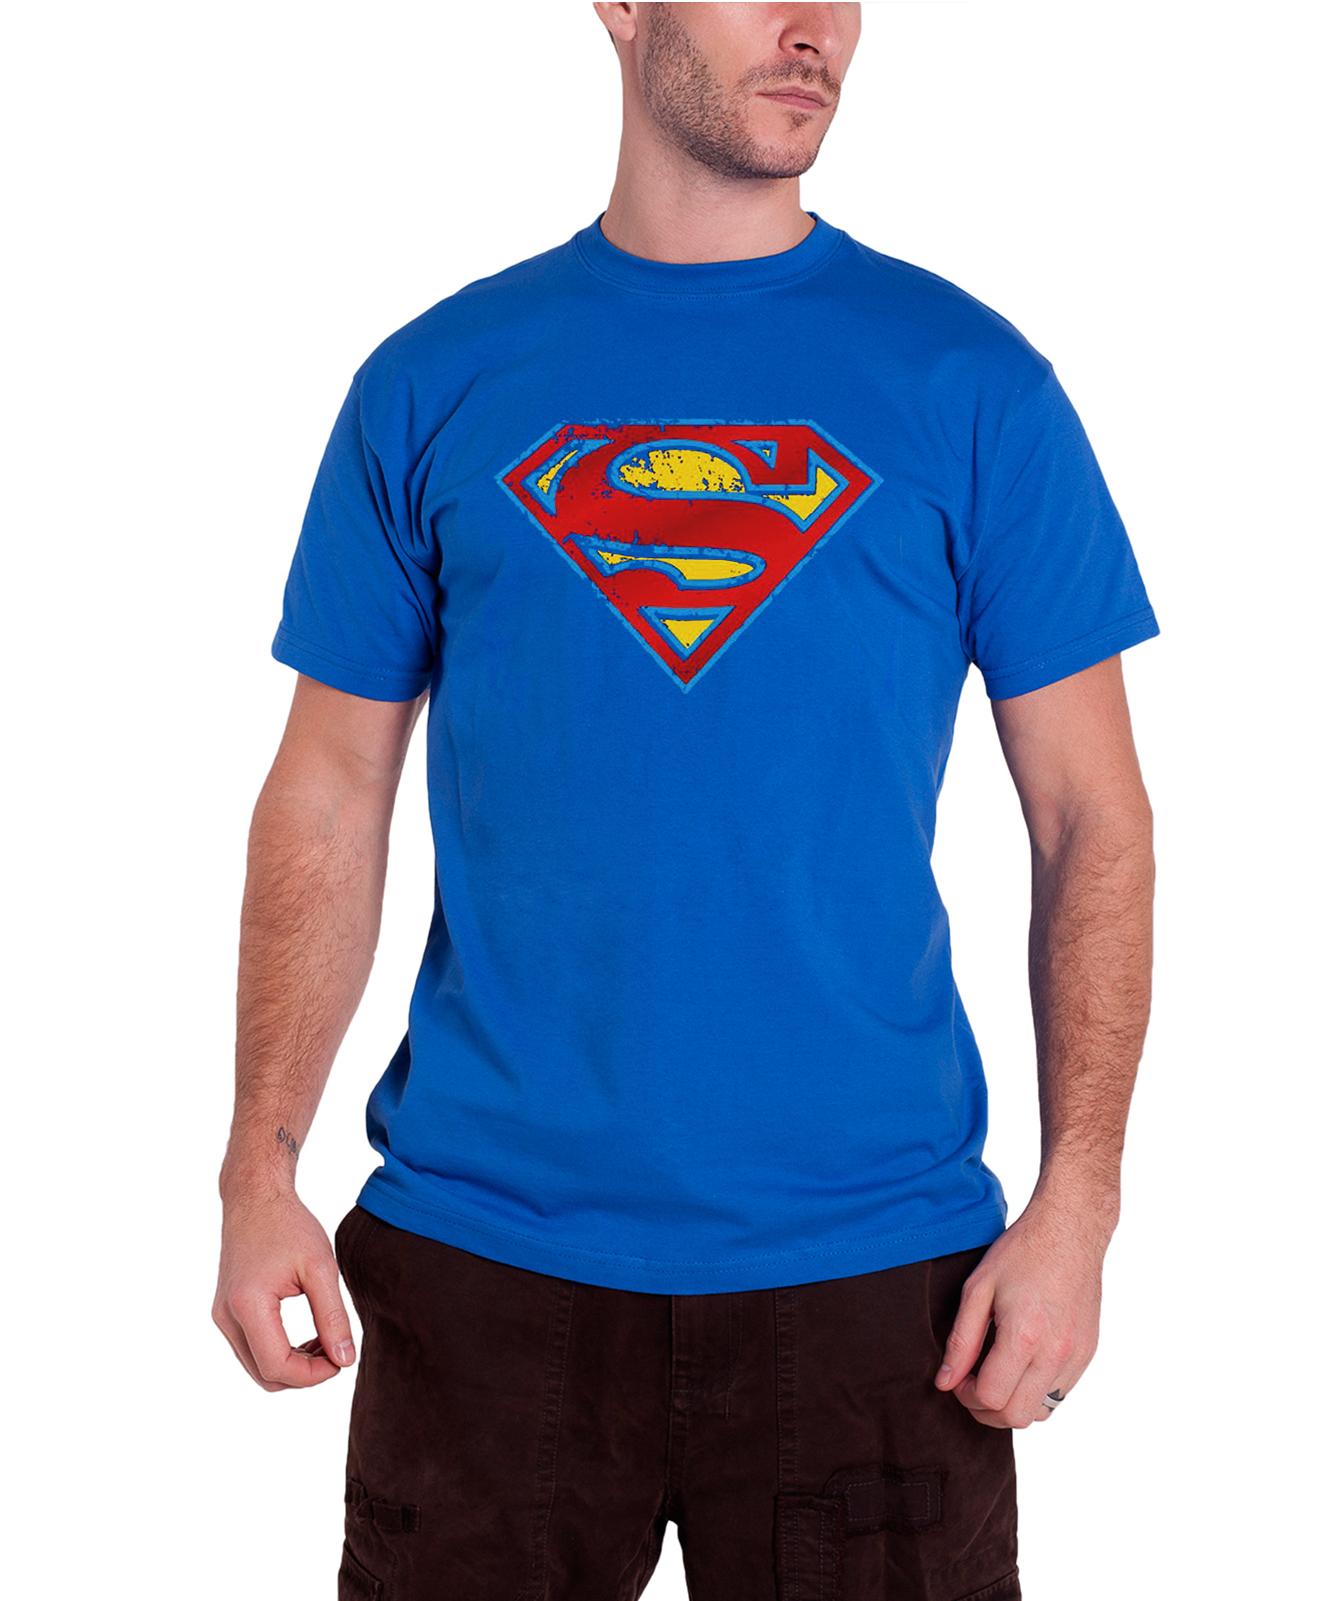 men u0026 39 s superhero t shirts batman superman joker the flash new official dc comics